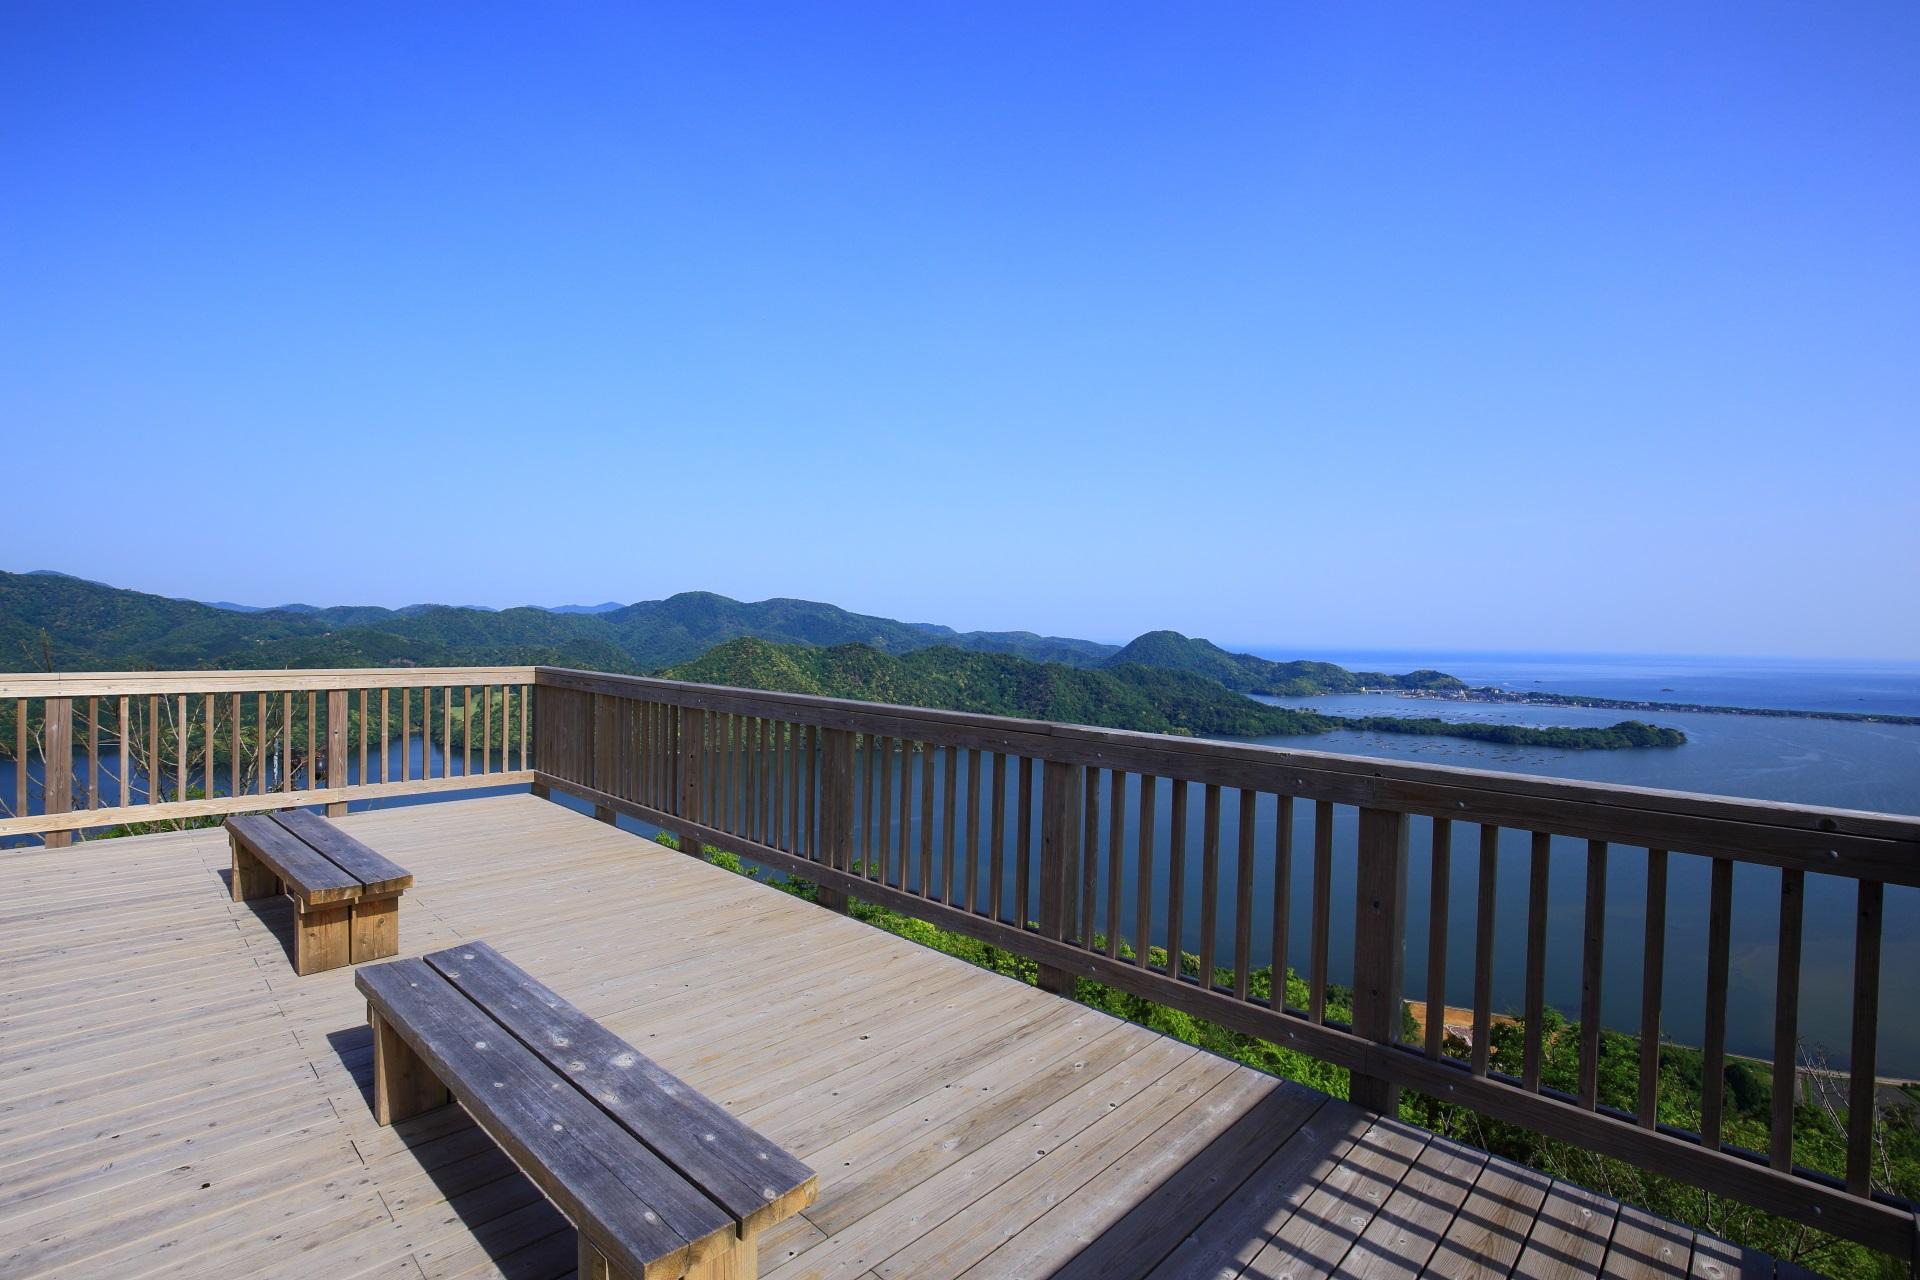 ゆっくり座って眼下に広がる最高の景色を眺められるかぶと山展望台